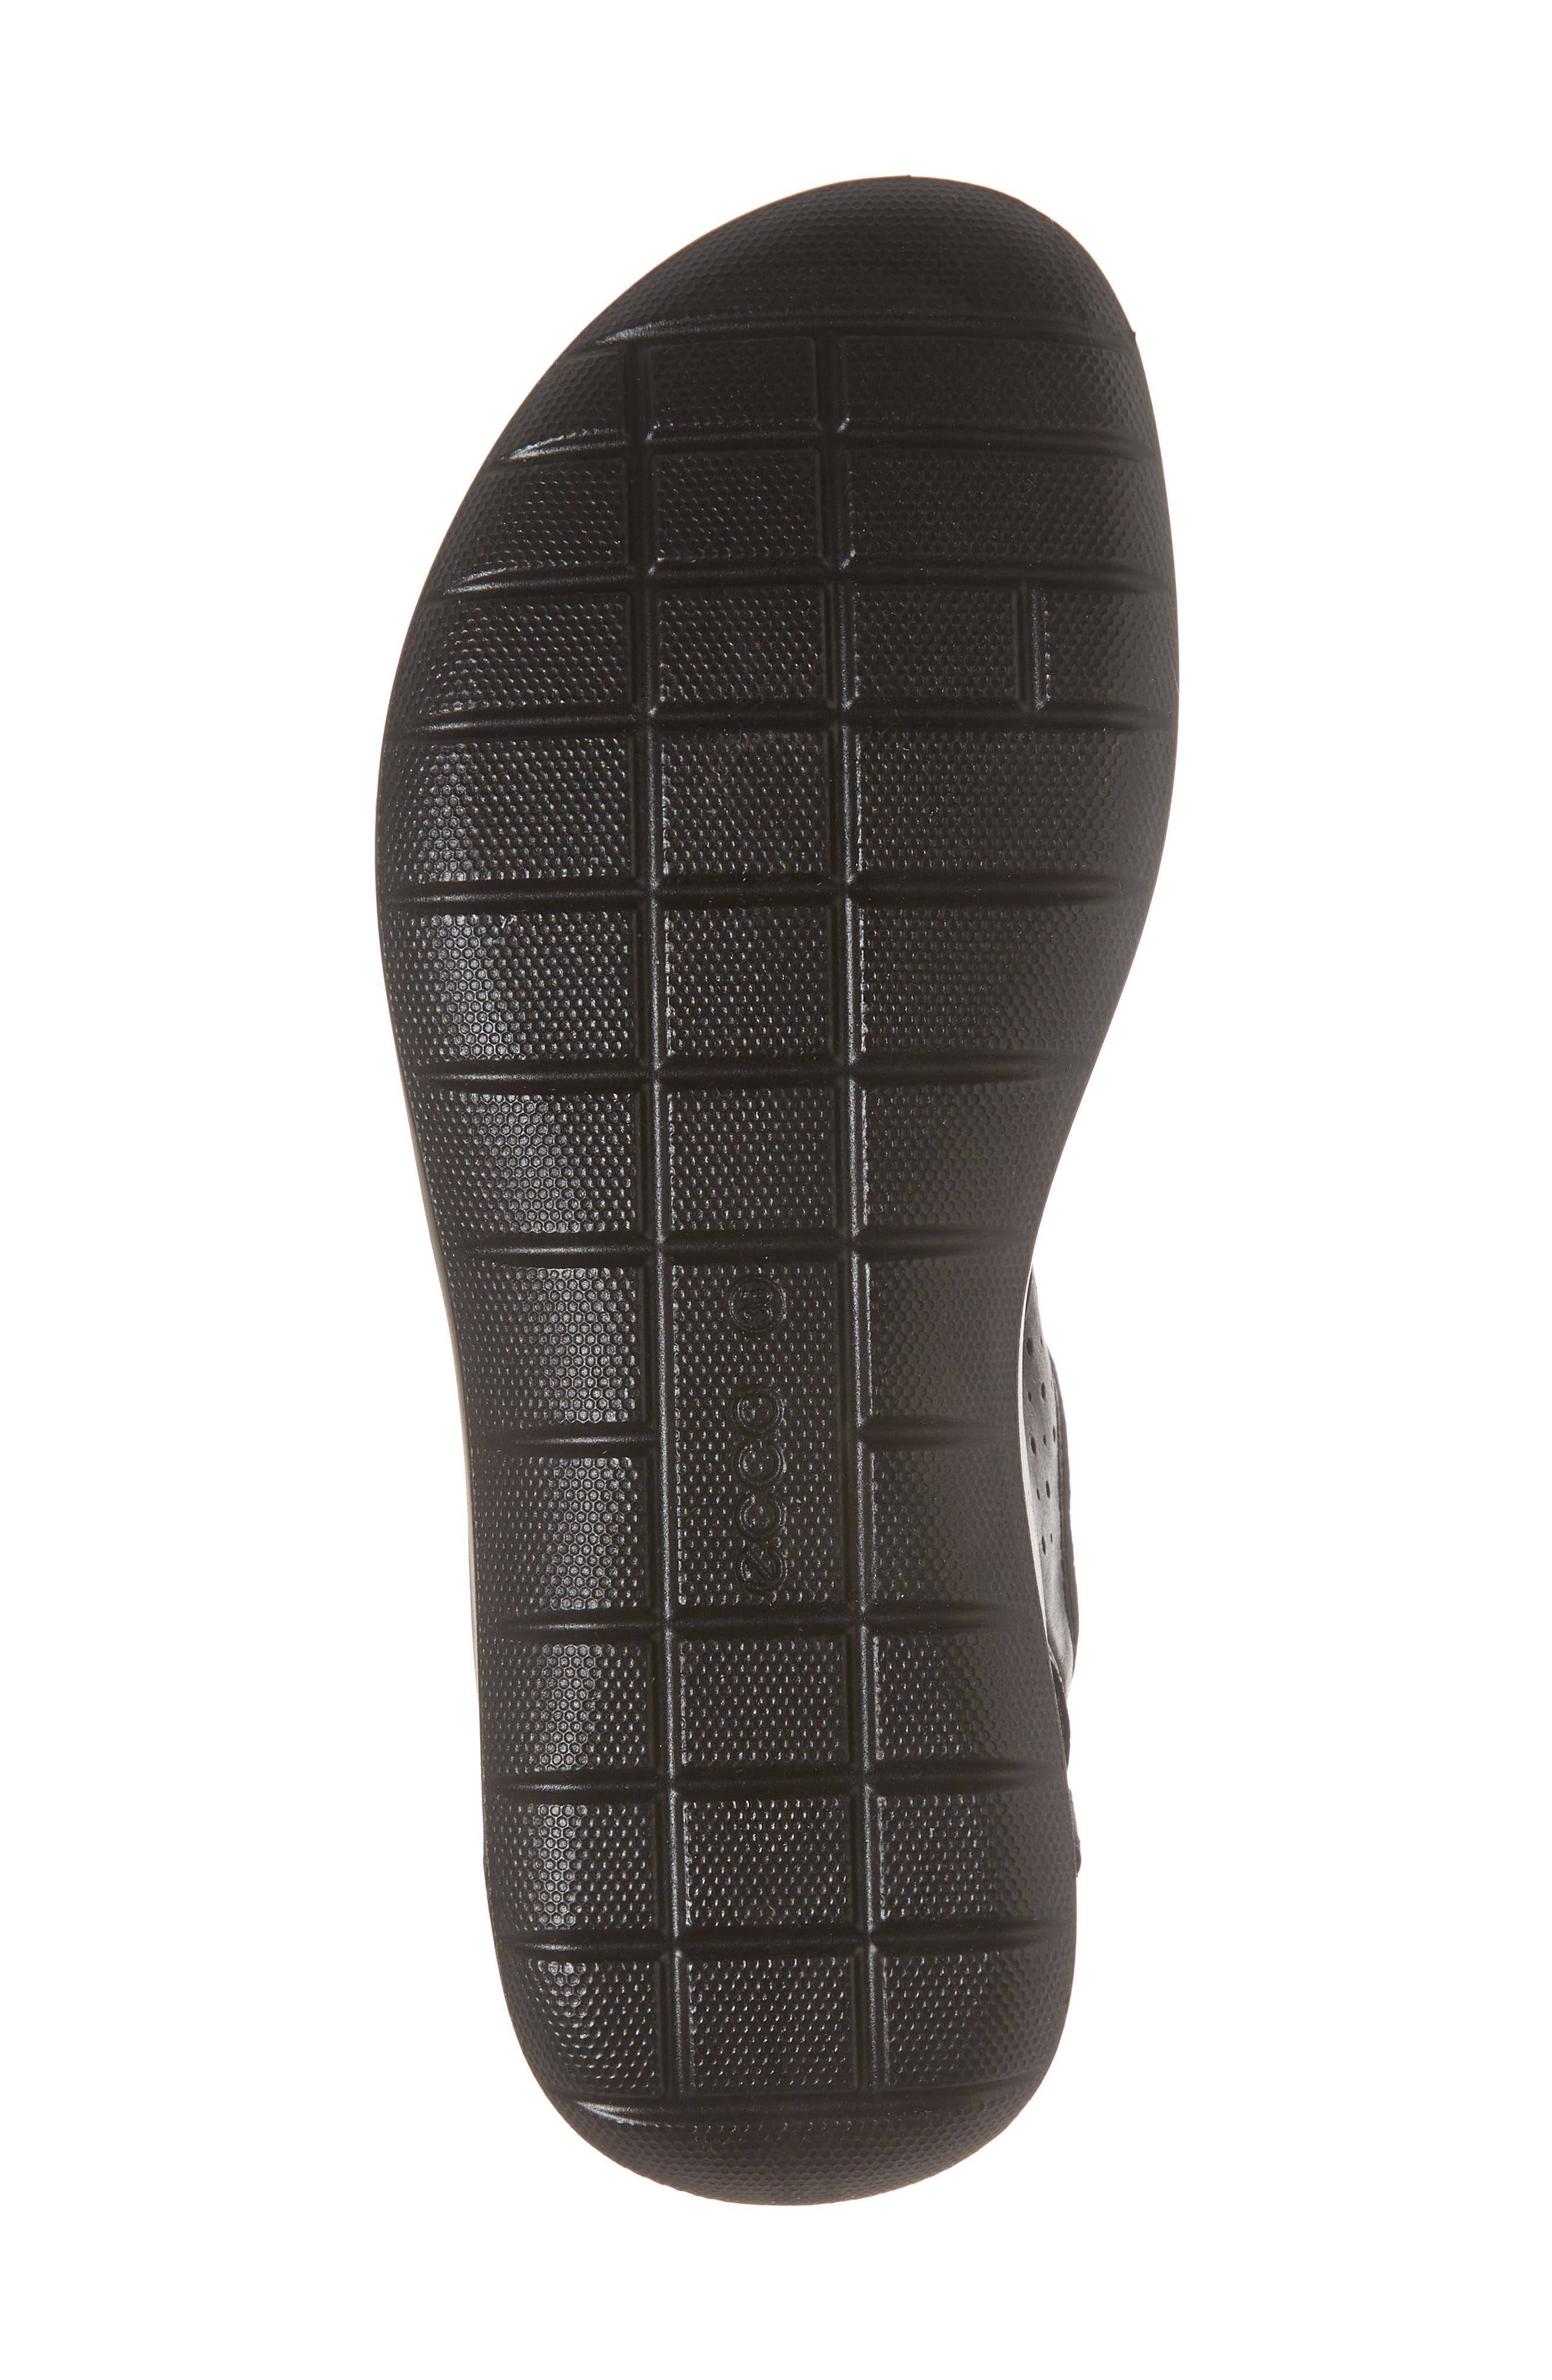 Bluma Toggle Sandal,                             Alternate thumbnail 6, color,                             Black Leather